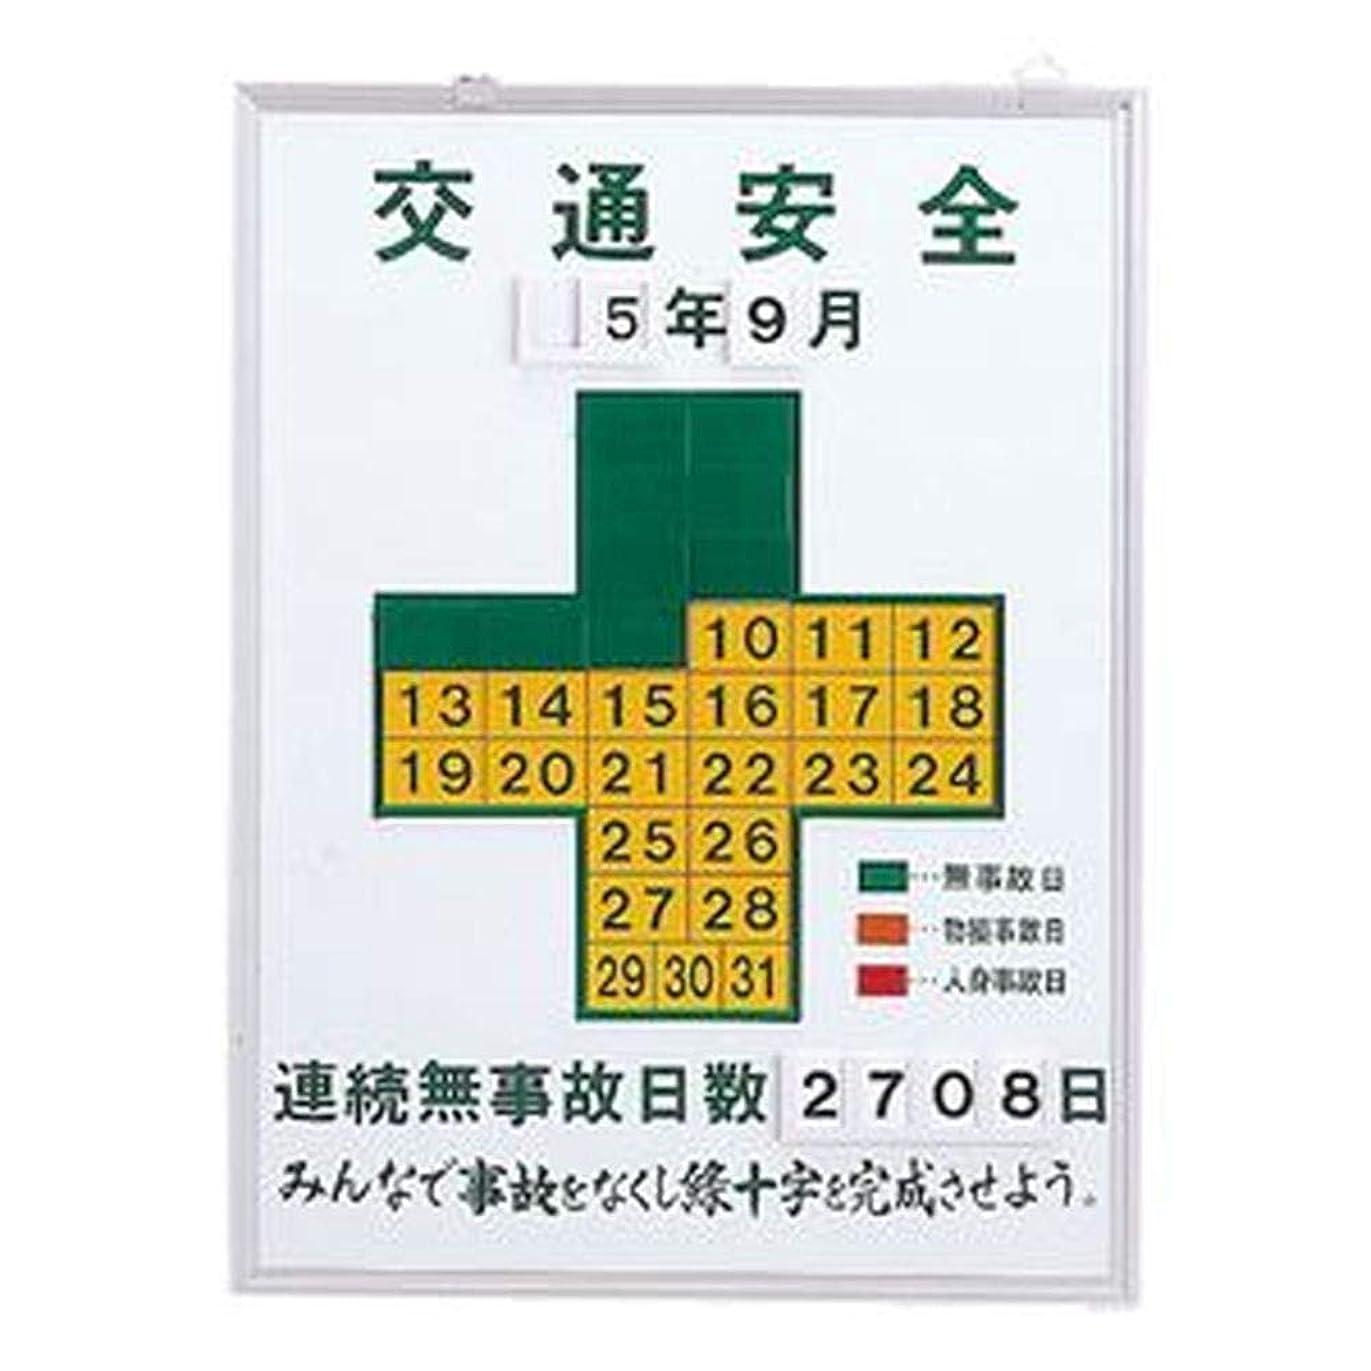 伝説花婿領事館無災害記録板/交通安全/記録-450K - -